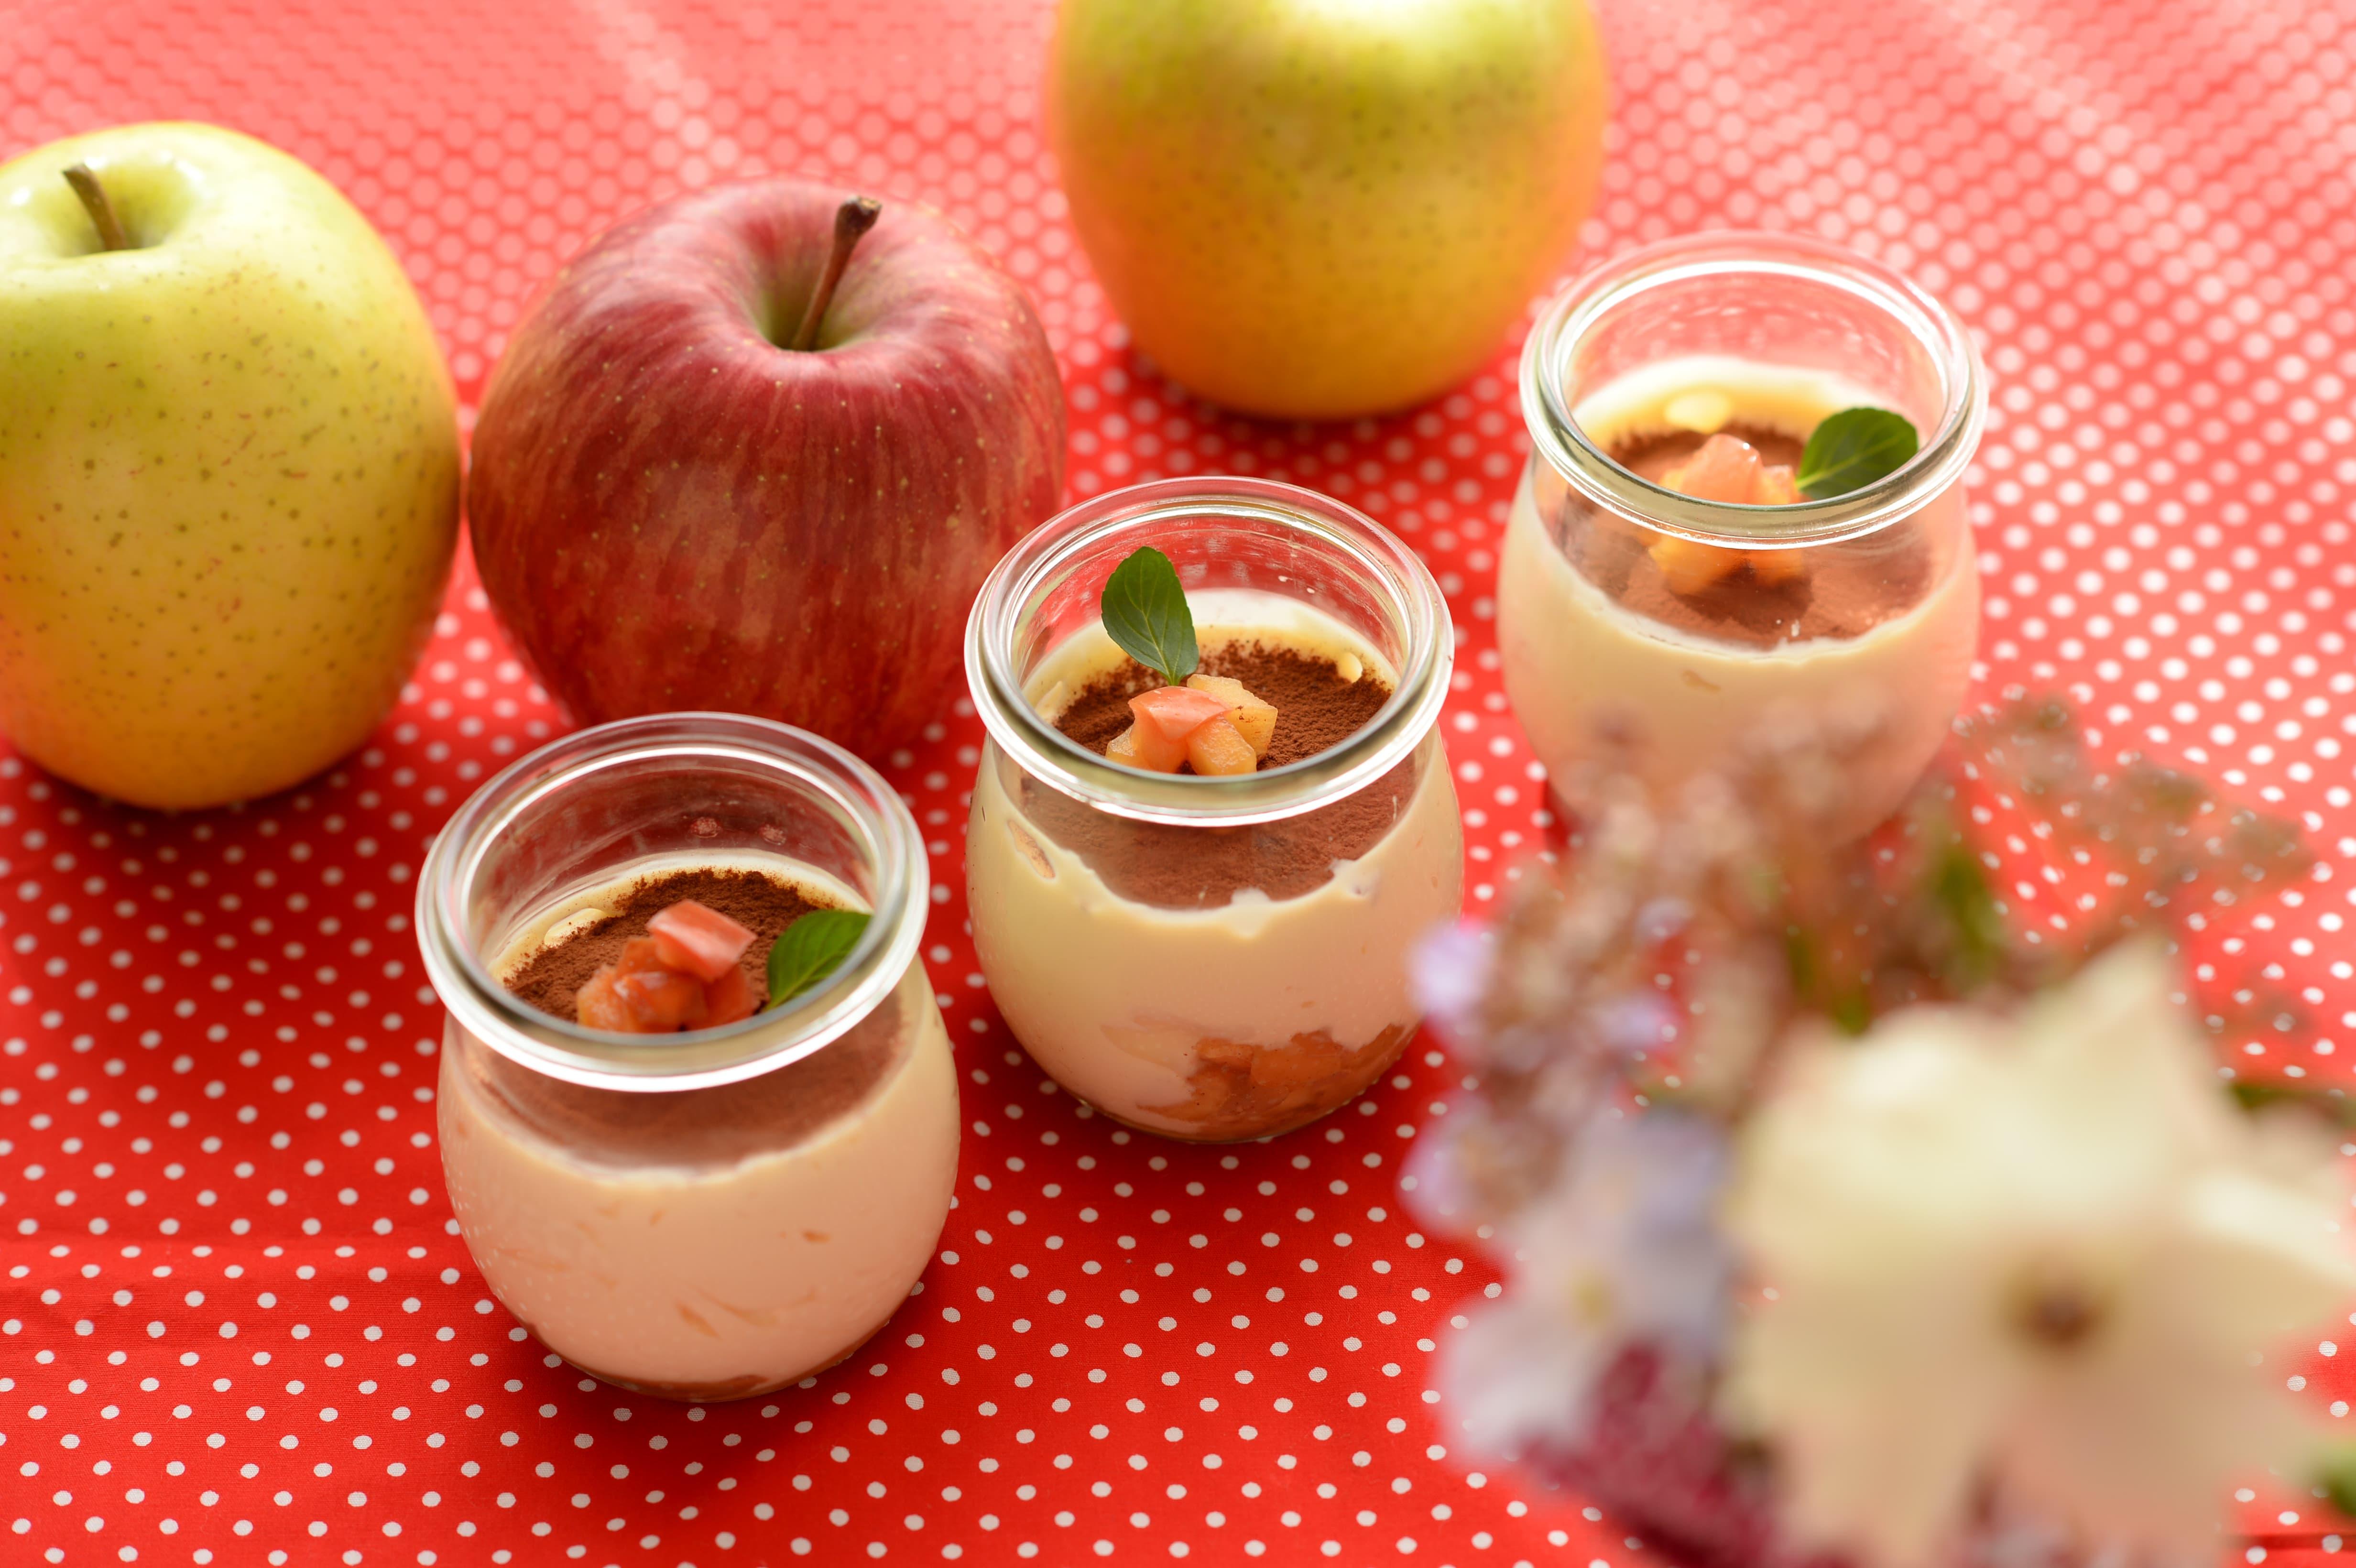 りんごのレシピ はちみつりんごのティラミス風スイーツ